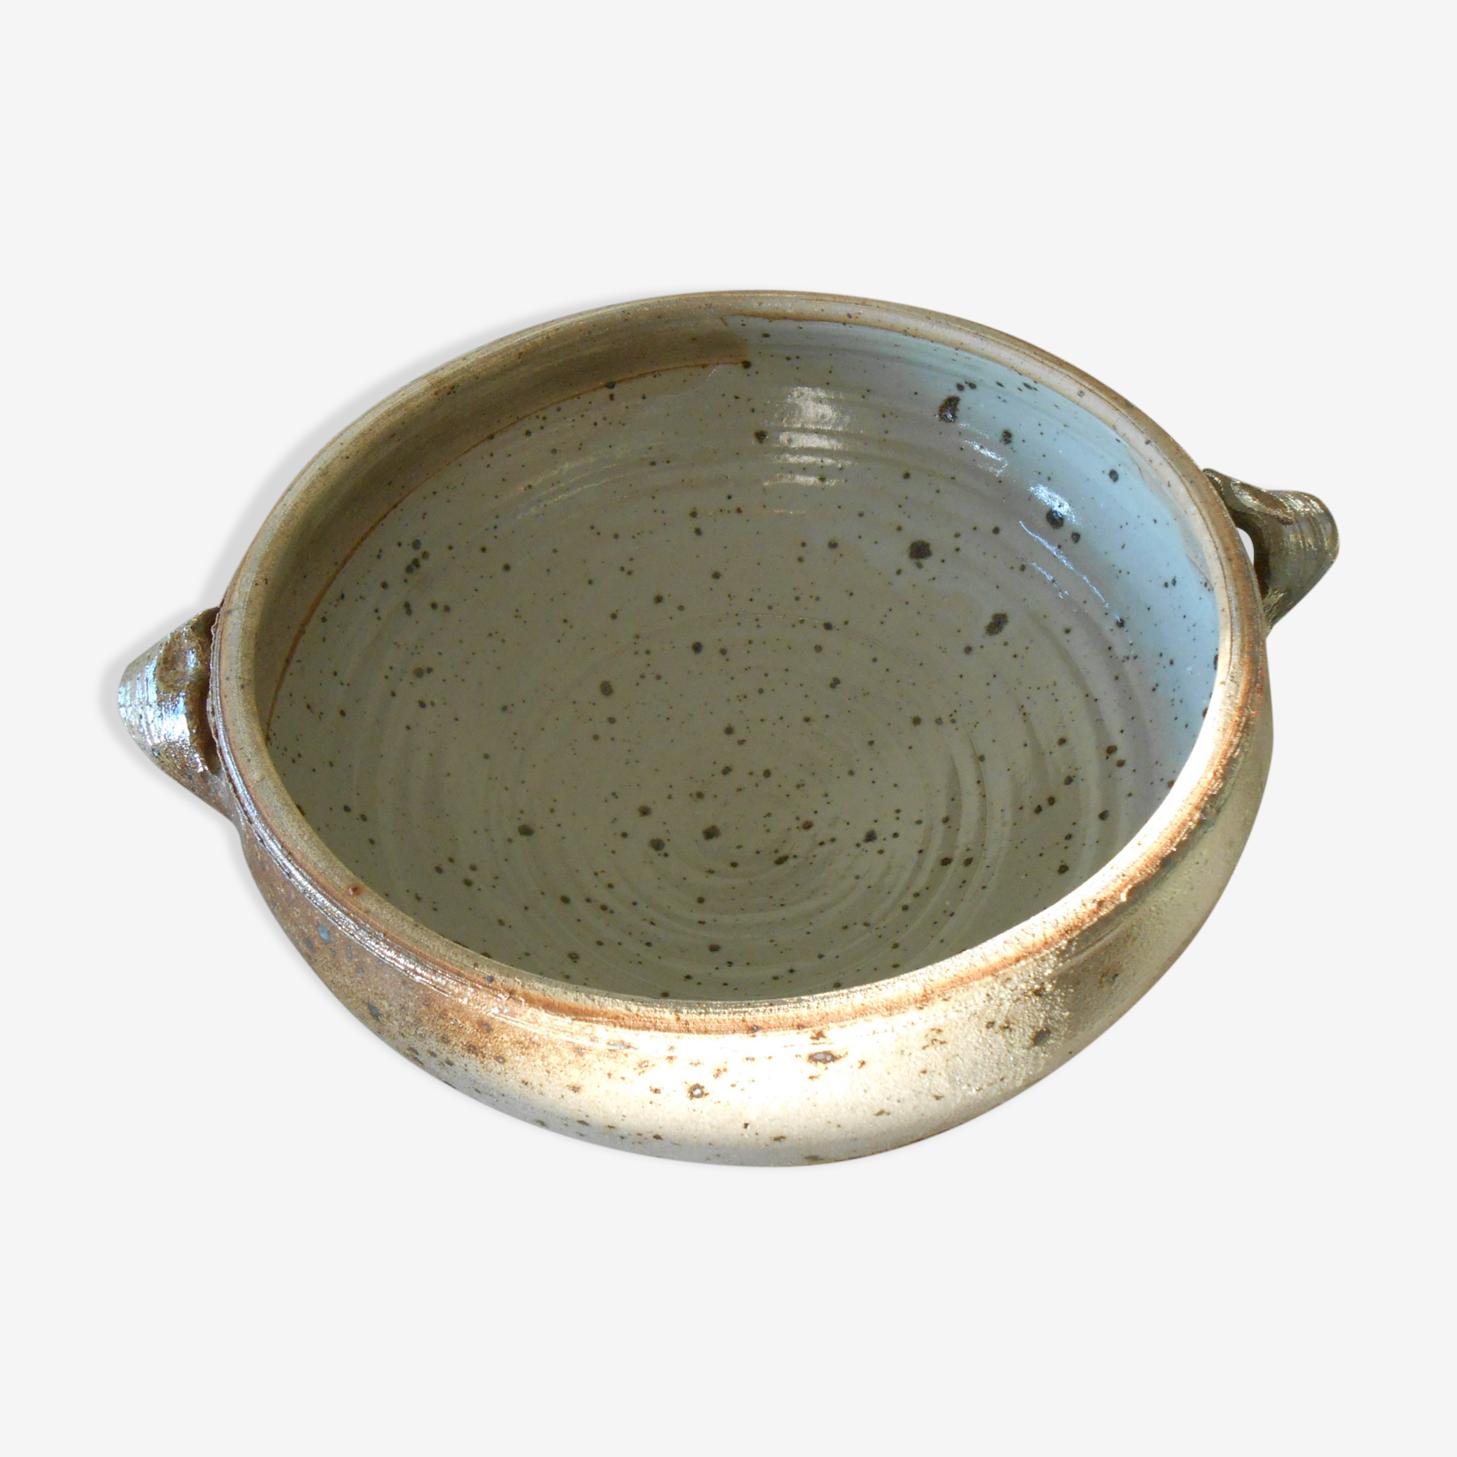 Bowl in sandstone of Dinard